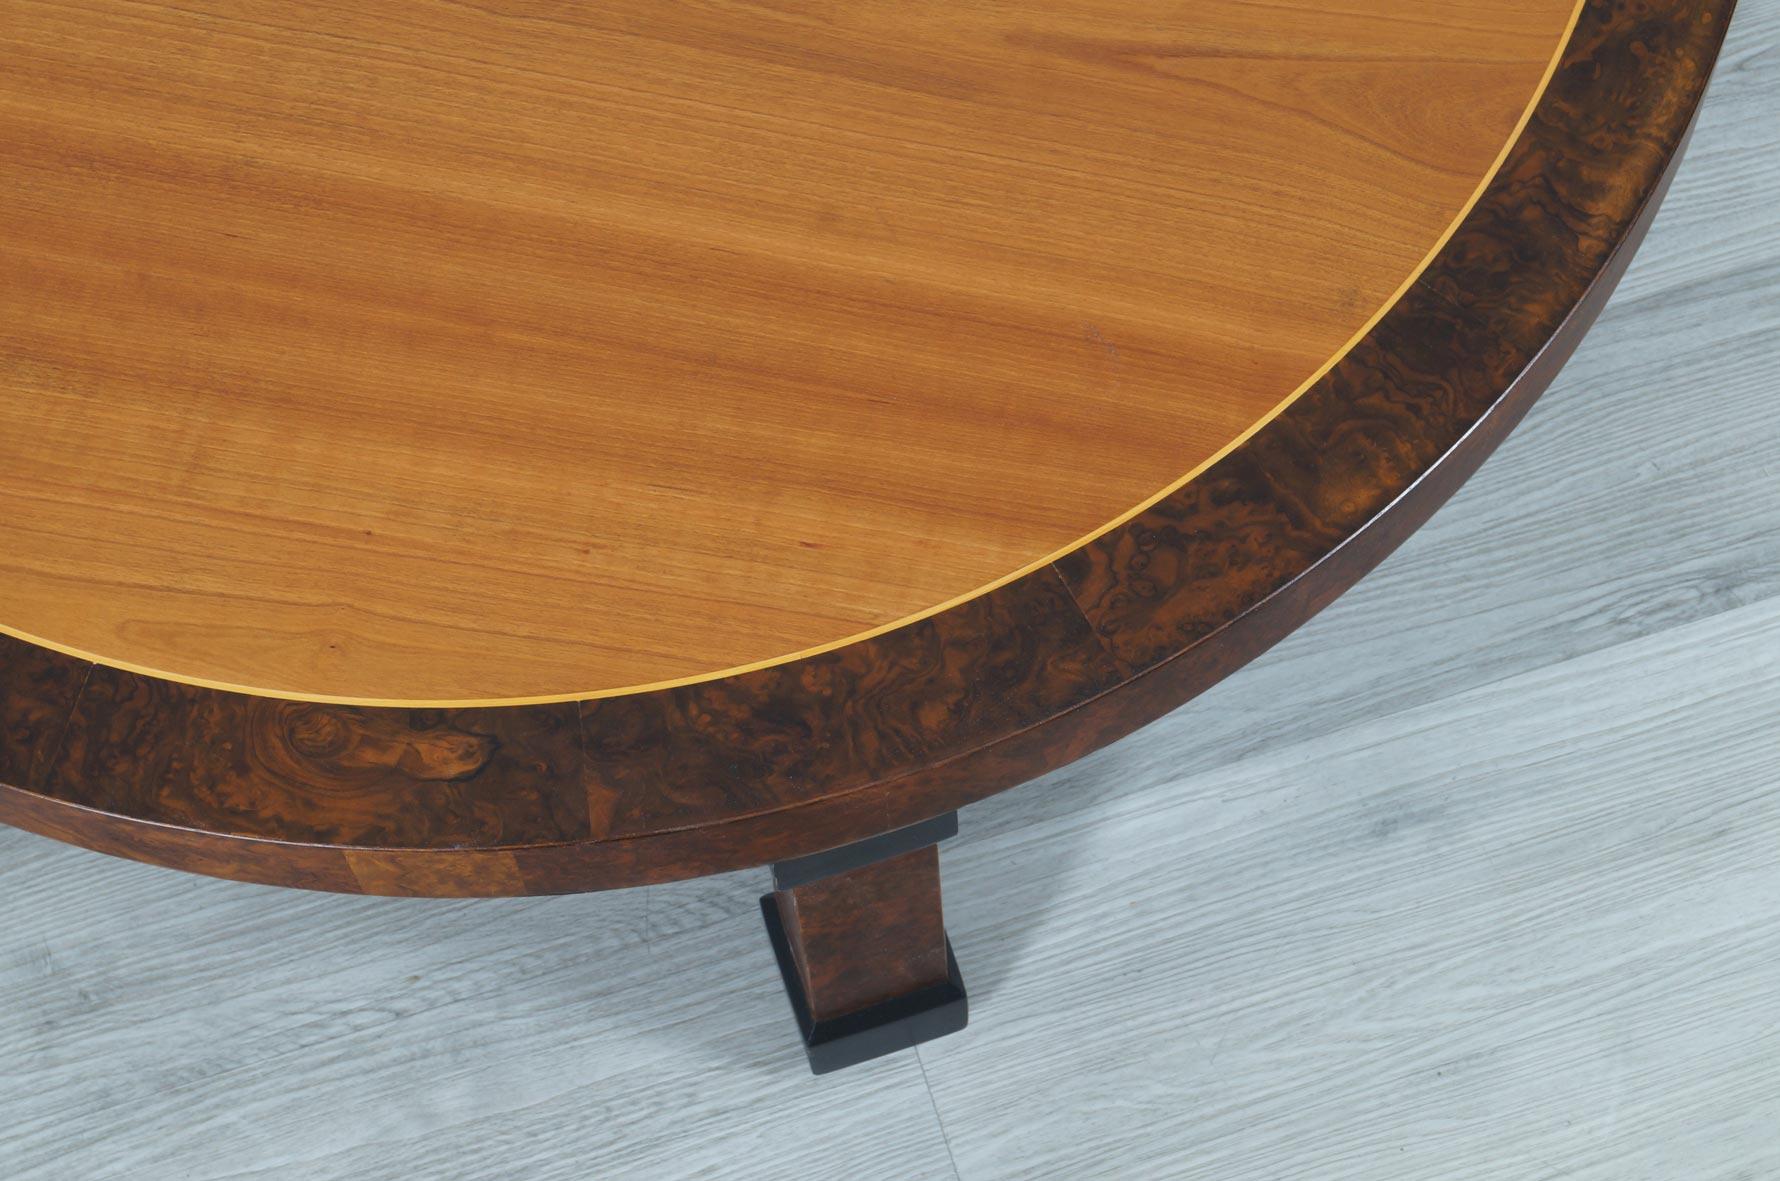 Vintage Burl Wood Coffee Table by Baker